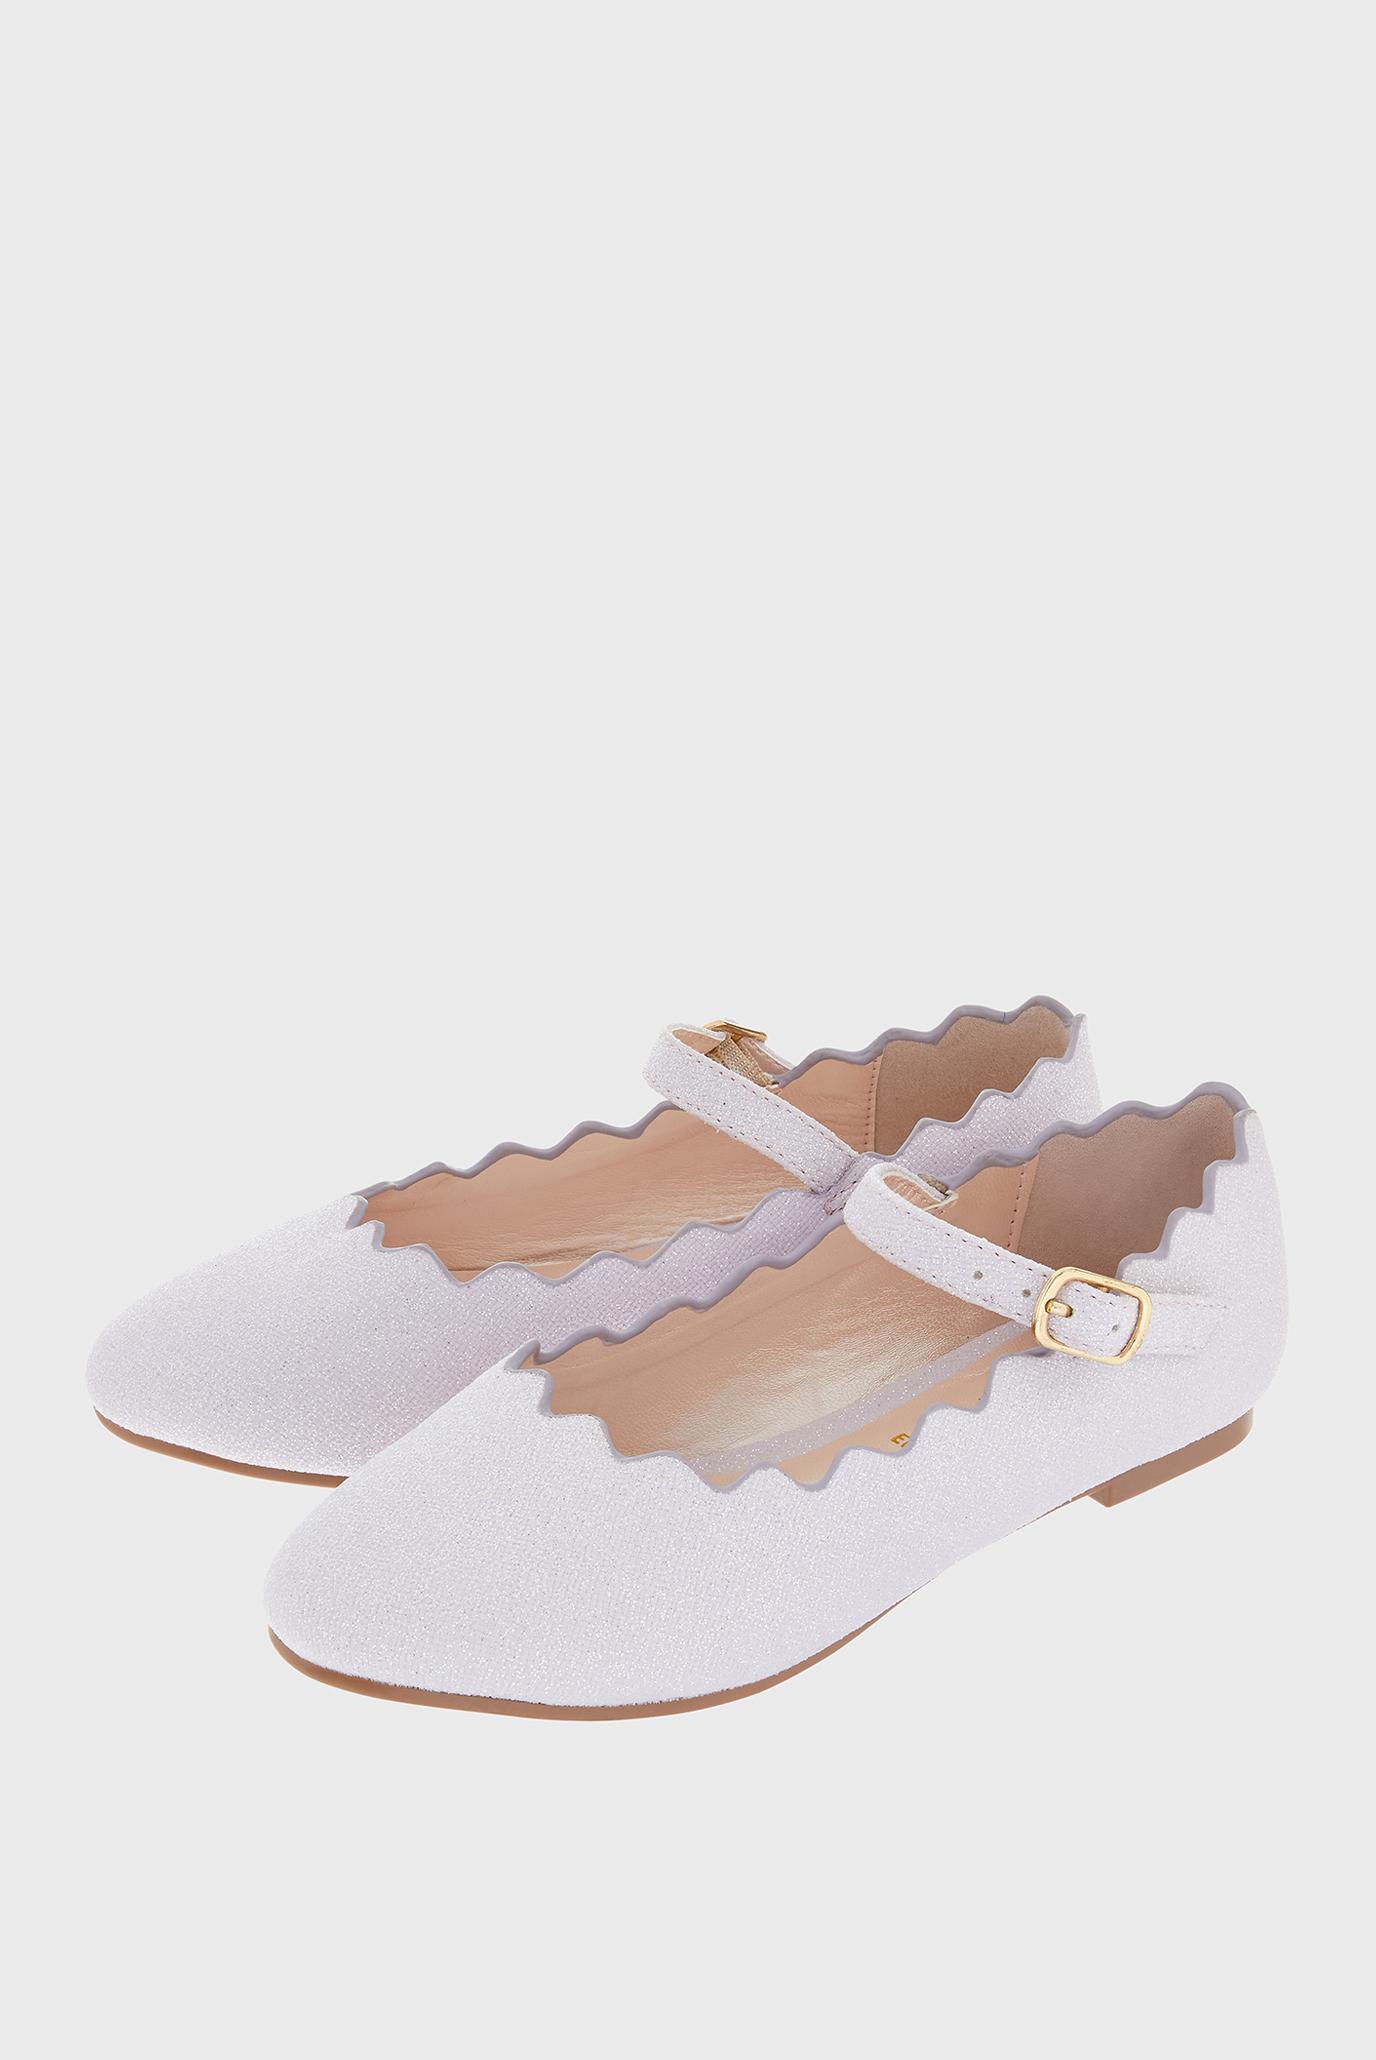 8469704e Купить Детские розовые туфли LILLIAN SCALLOPED Monsoon Children ...